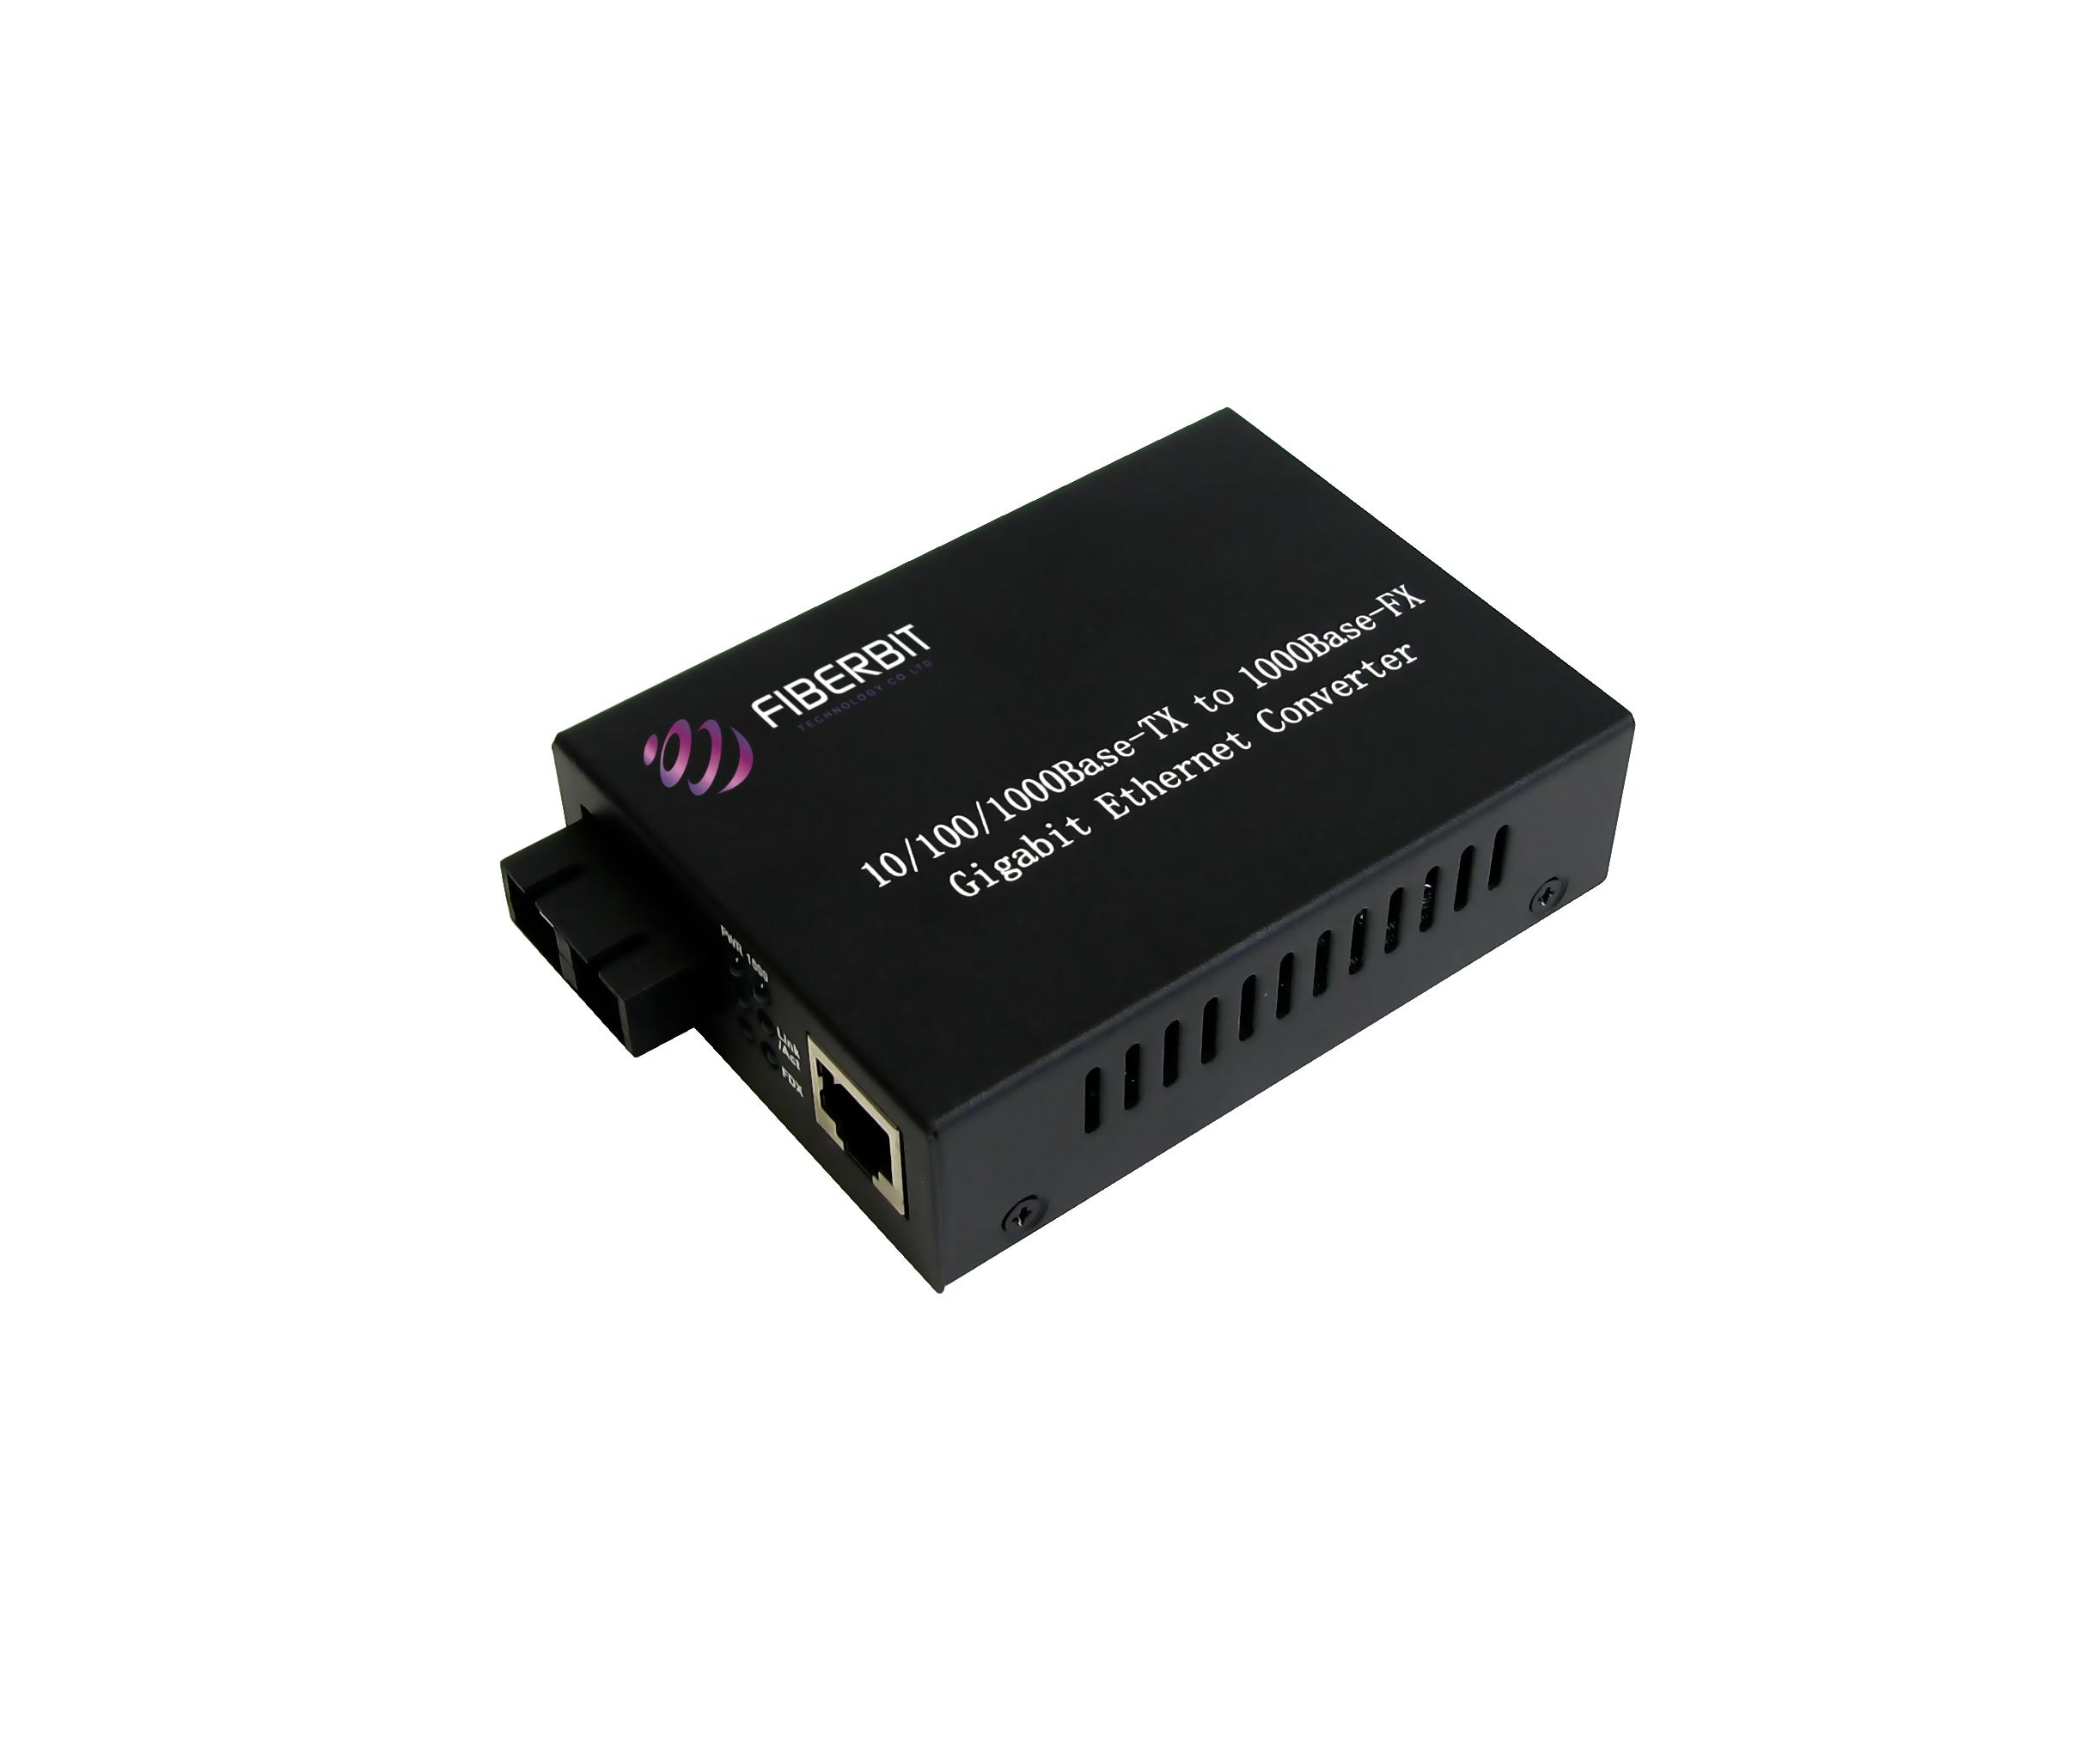 Gigabit Fiber Media Converter